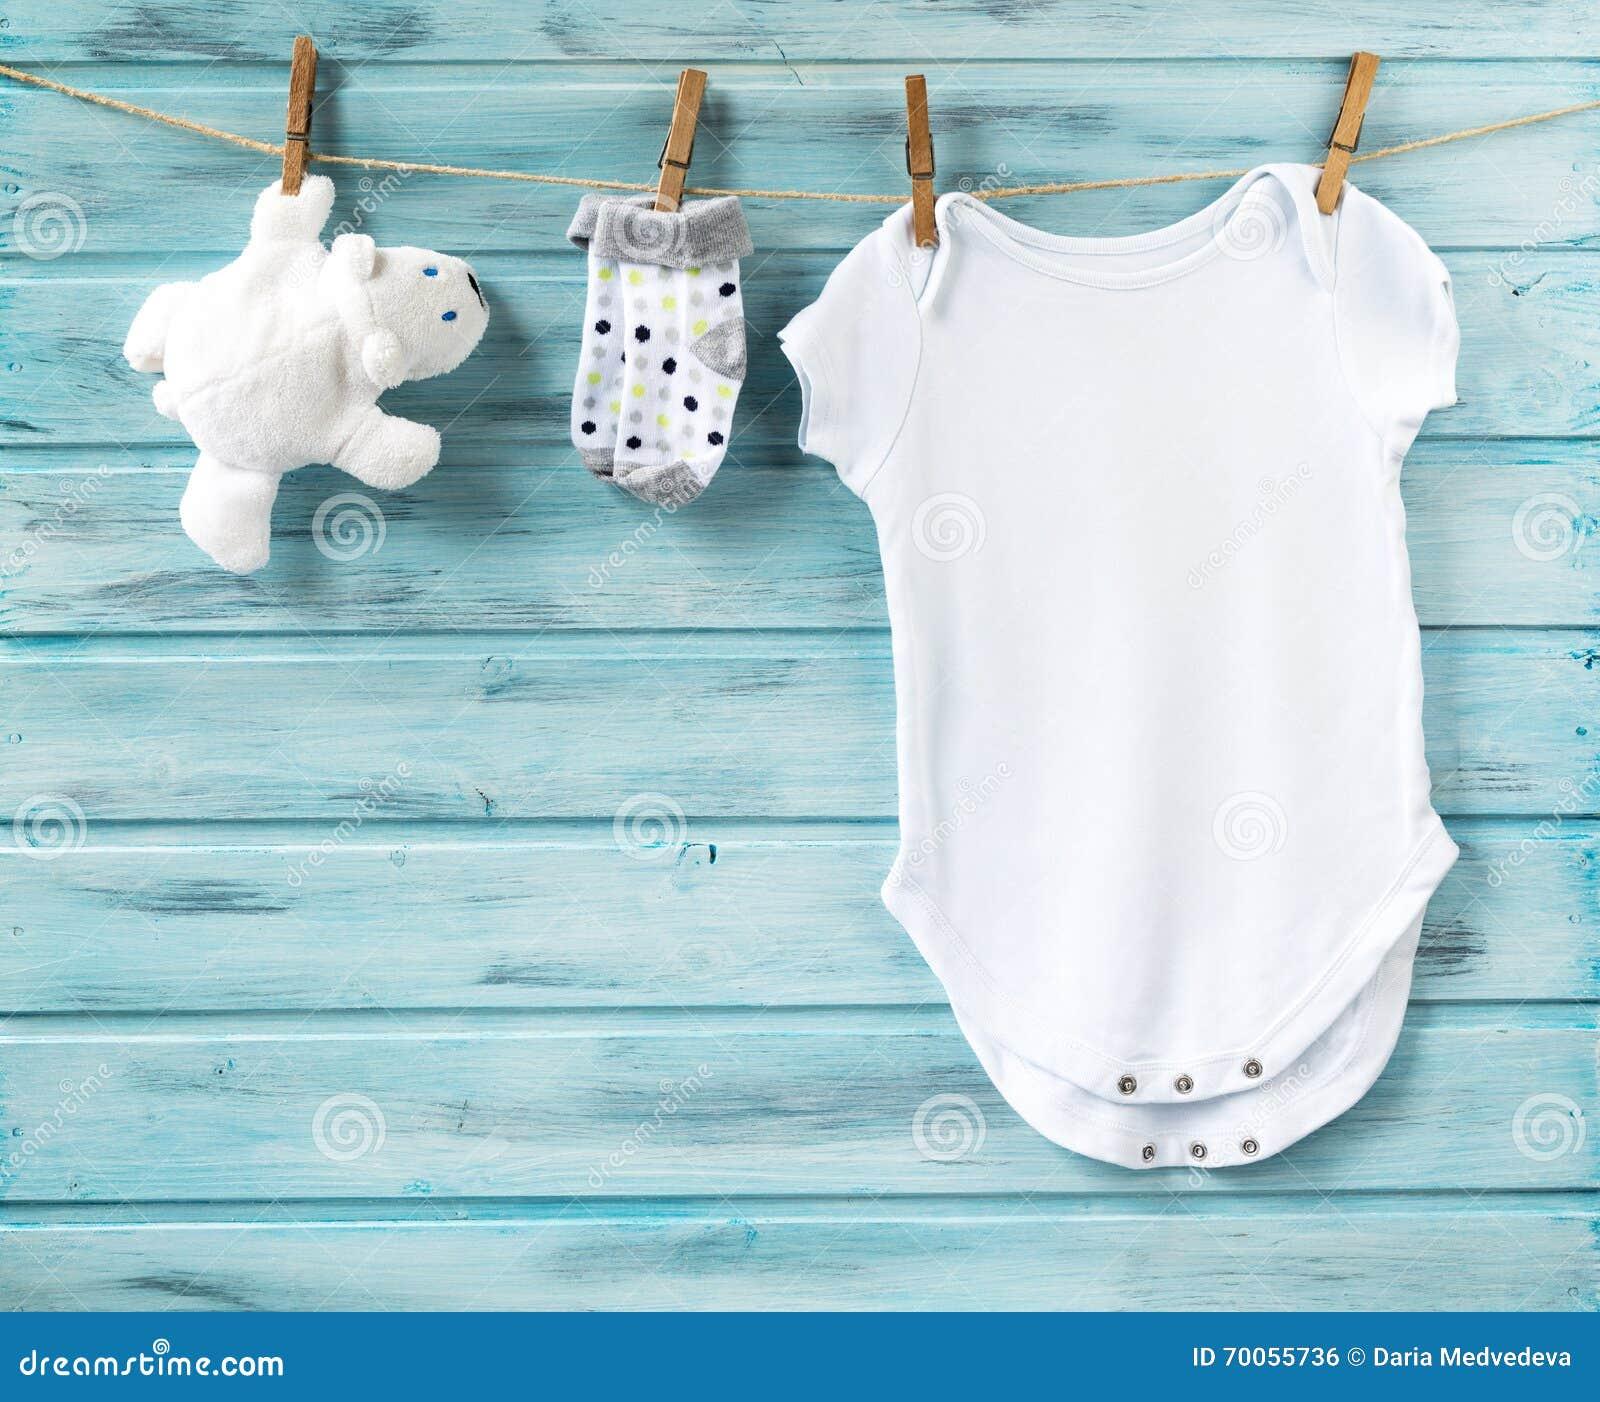 La ropa del bebé y el oso blanco juegan en una cuerda para tender la ropa